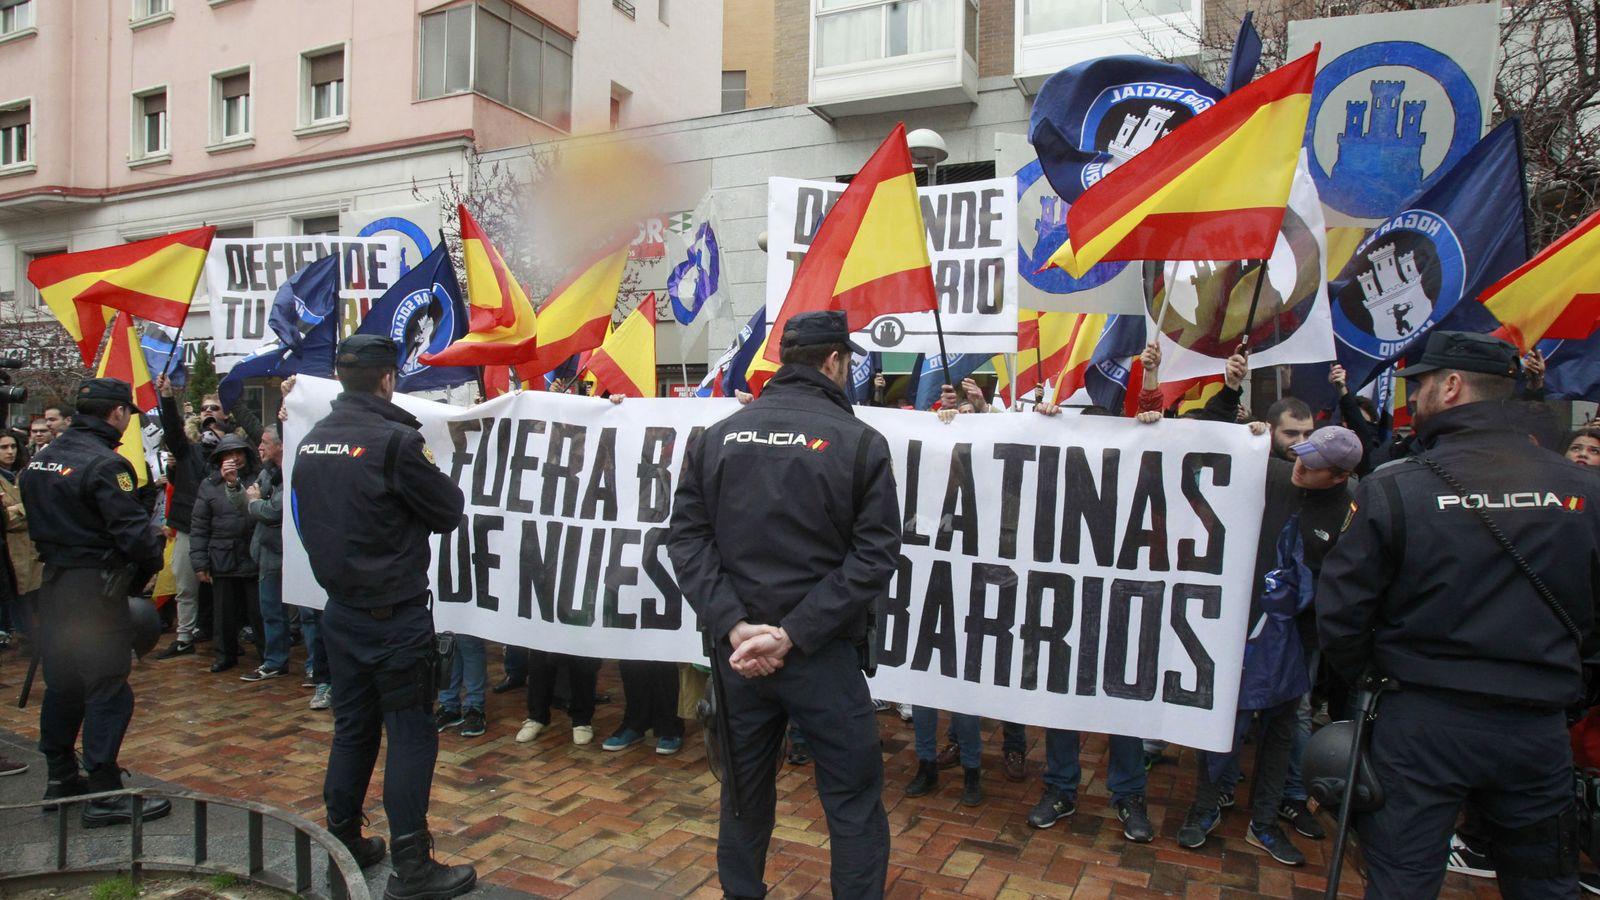 Foto: Manifestación de ultraderecha en Madrid contra las bandas latinas. (EFE)